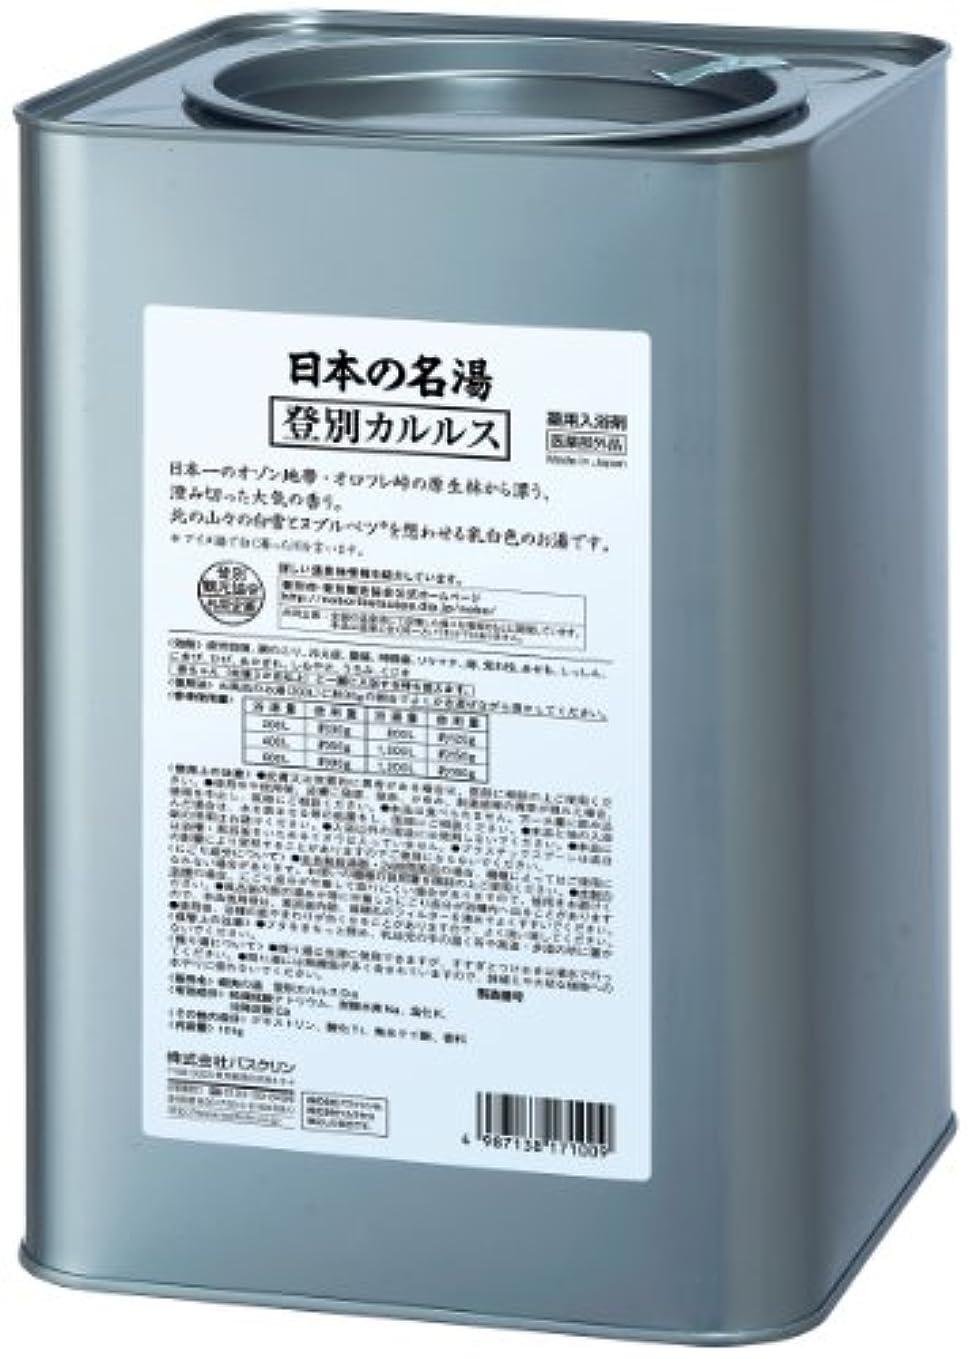 ヒューム精神致死【医薬部外品/業務用】日本の名湯入浴剤 登別カルルス(北海道)10kg 大容量 温泉成分 温泉タイプ